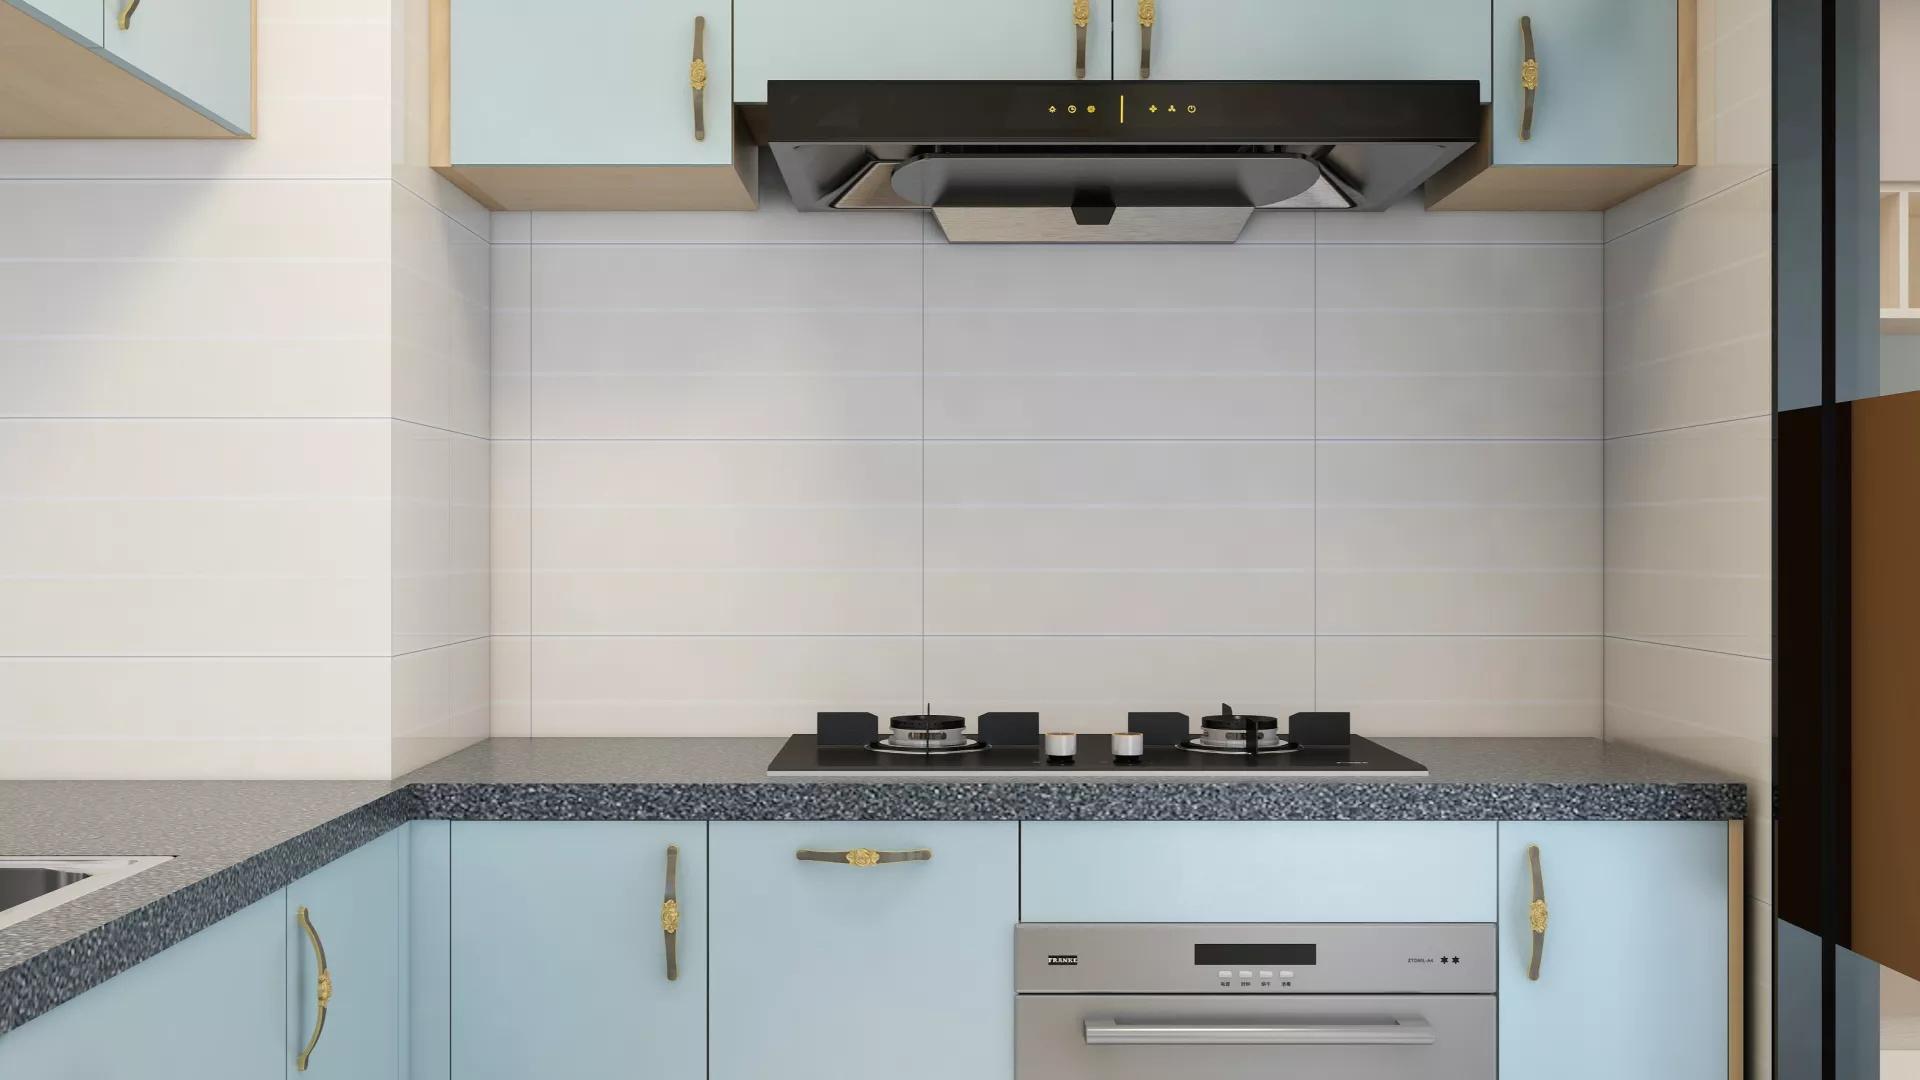 售楼处怎么设计才能吸引更多消费者来买房?